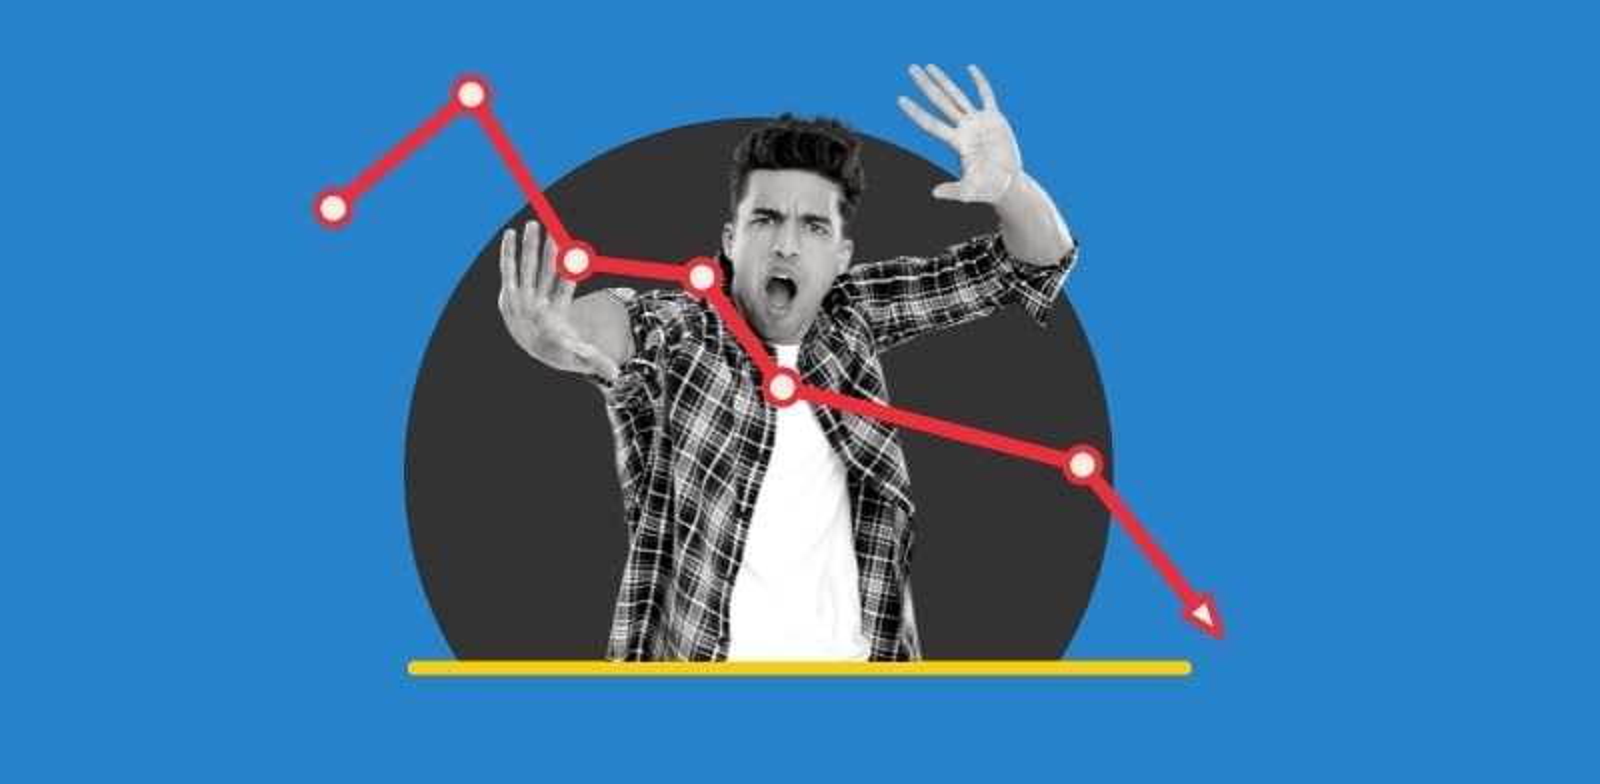 מחקר אחד בשבוע: המחיר האמיתי של חדשנות / עיצוב: גלובס